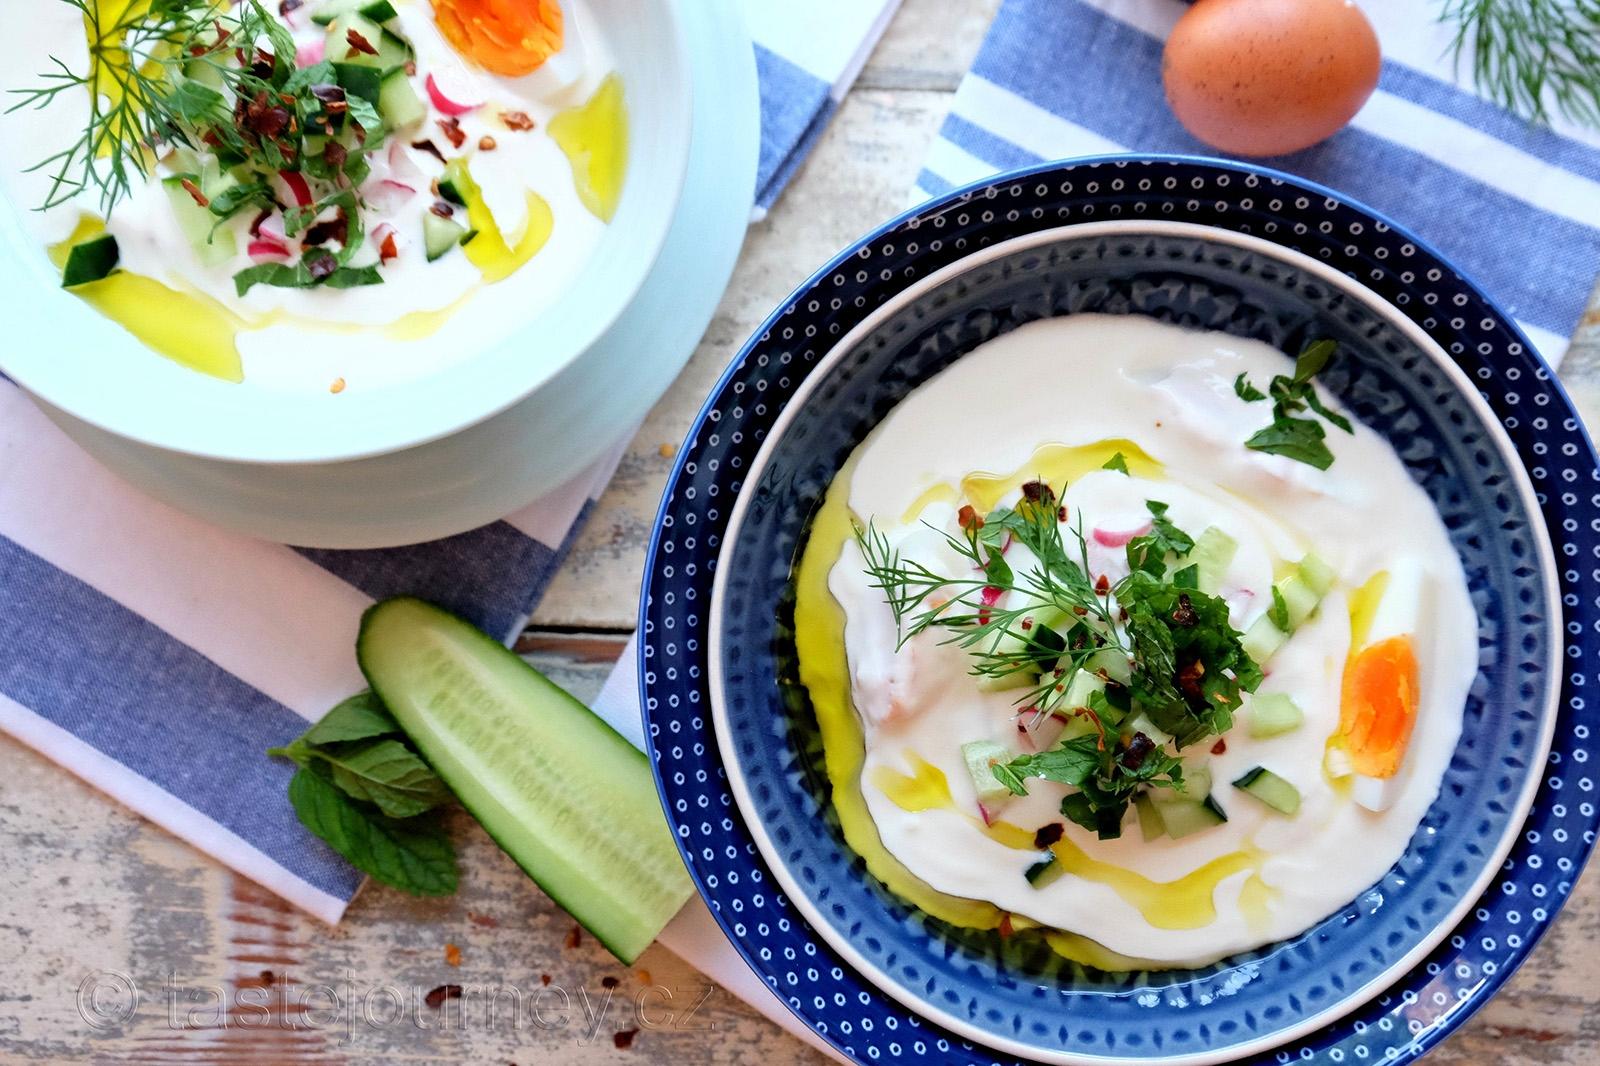 Chladivá a osvěžující je polévka z řeckého jogurtu